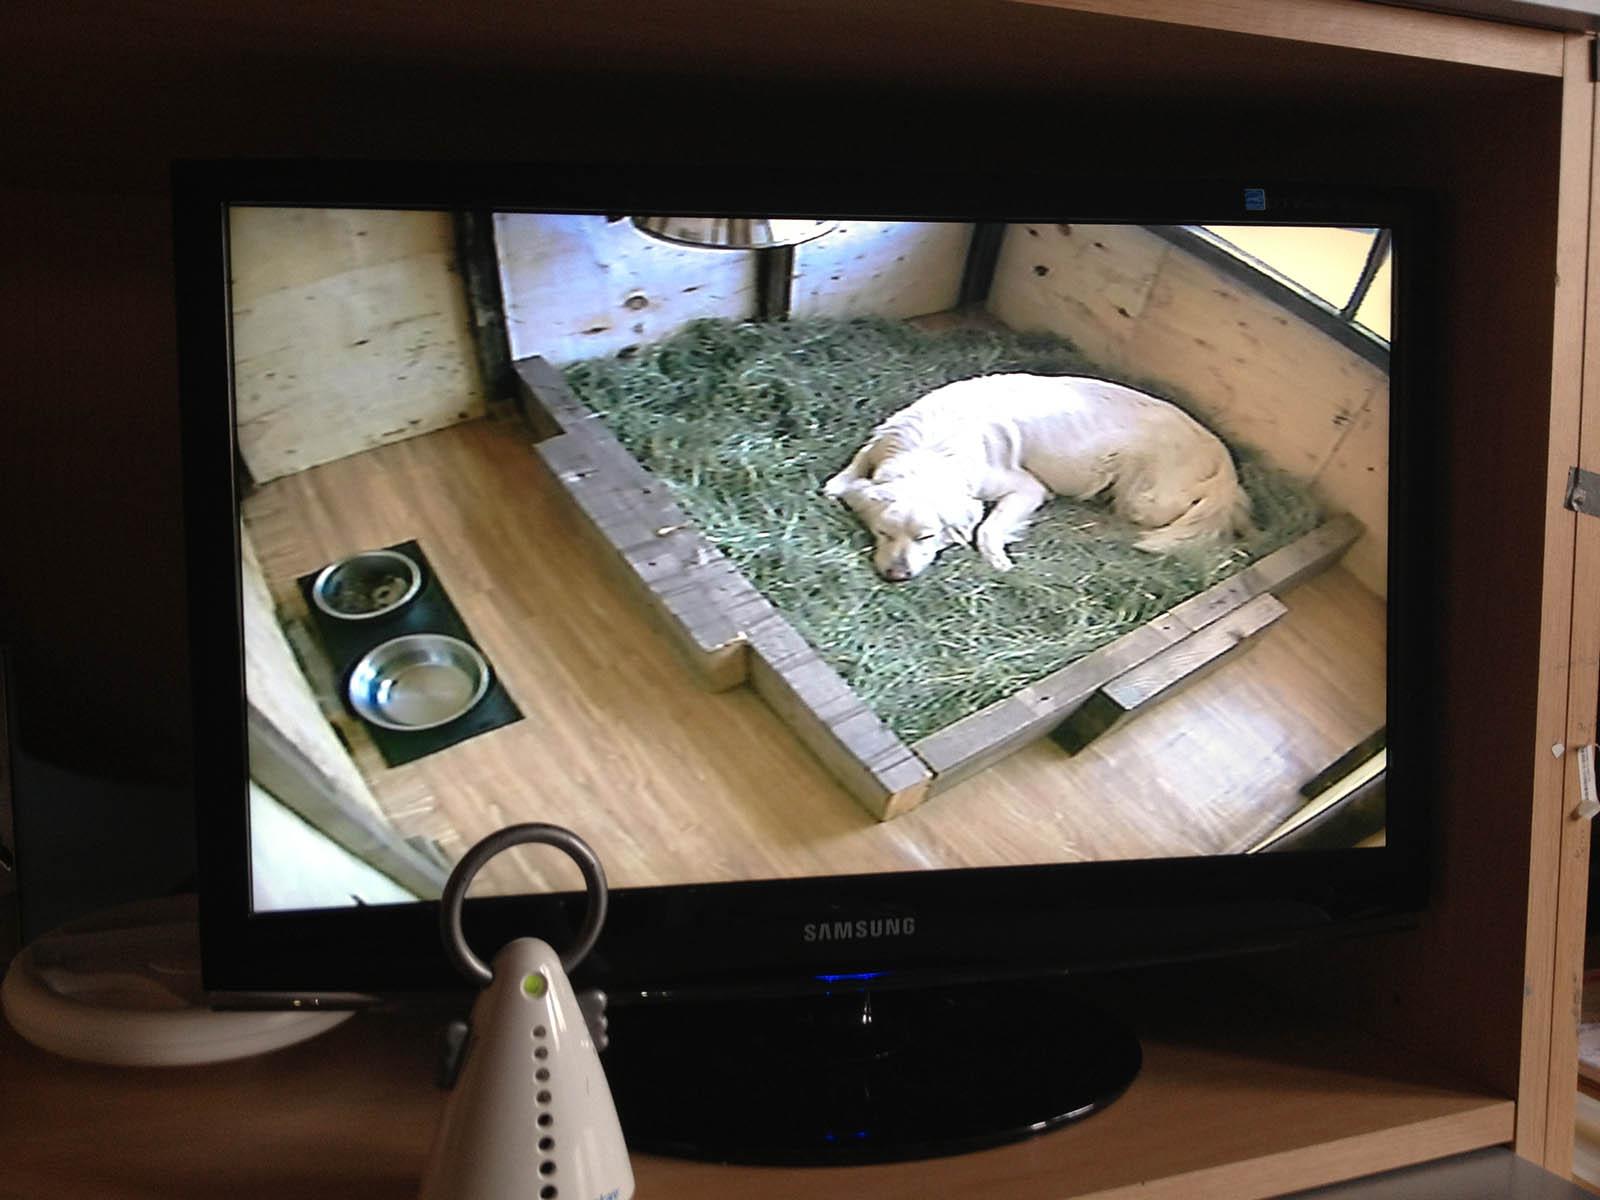 un monitor con l'immagine di un pastore sdraiato sopra dell'erba